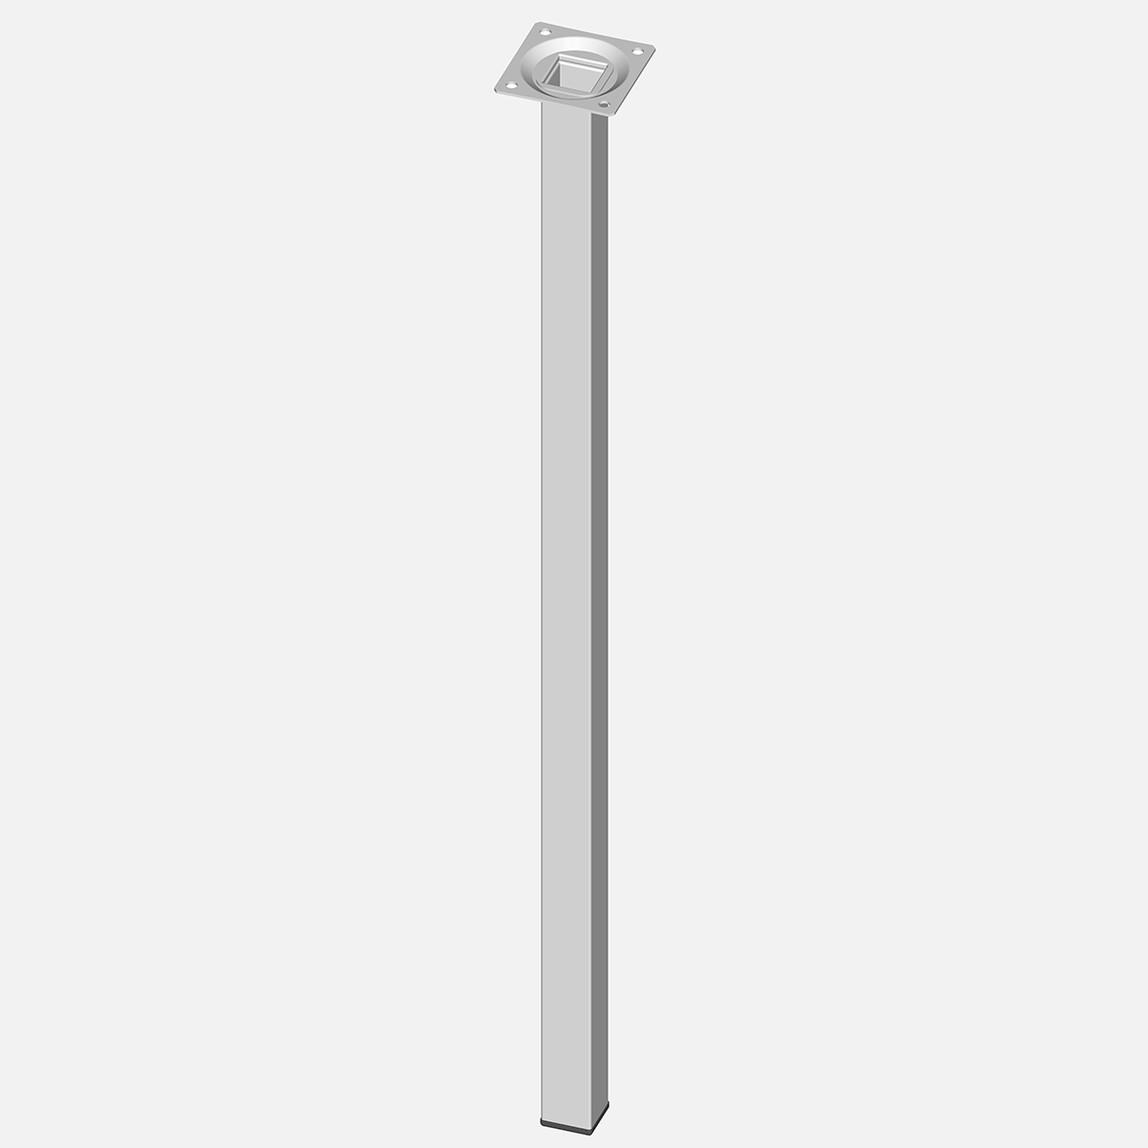 Masa Ayağı, Çelik boru kare, 600mm, beyaz